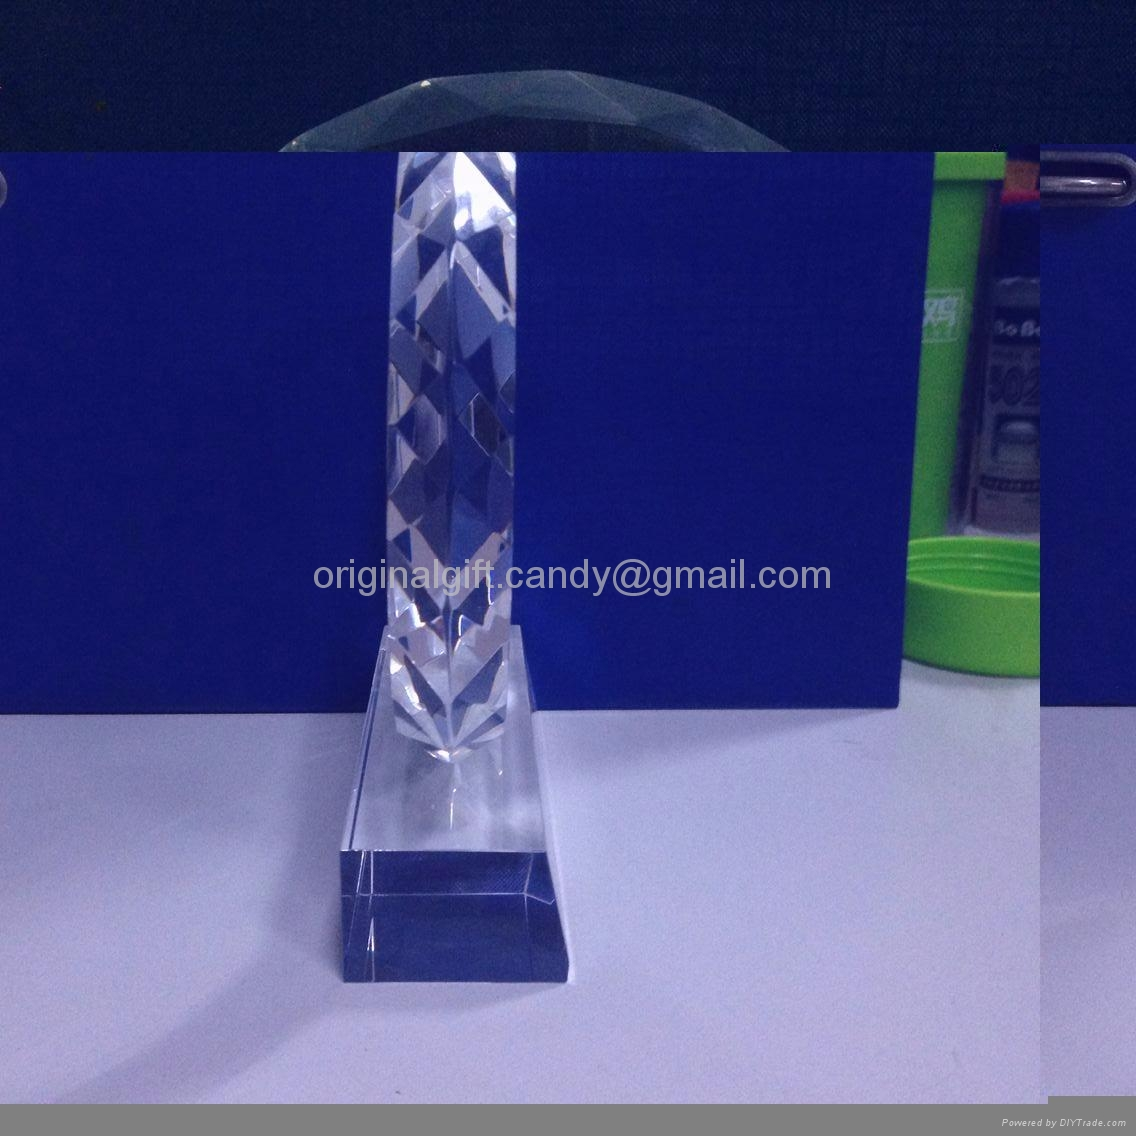 水晶獎牌,水晶獎座,現貨水晶獎牌,crystal trophy,crystal paper weight 3